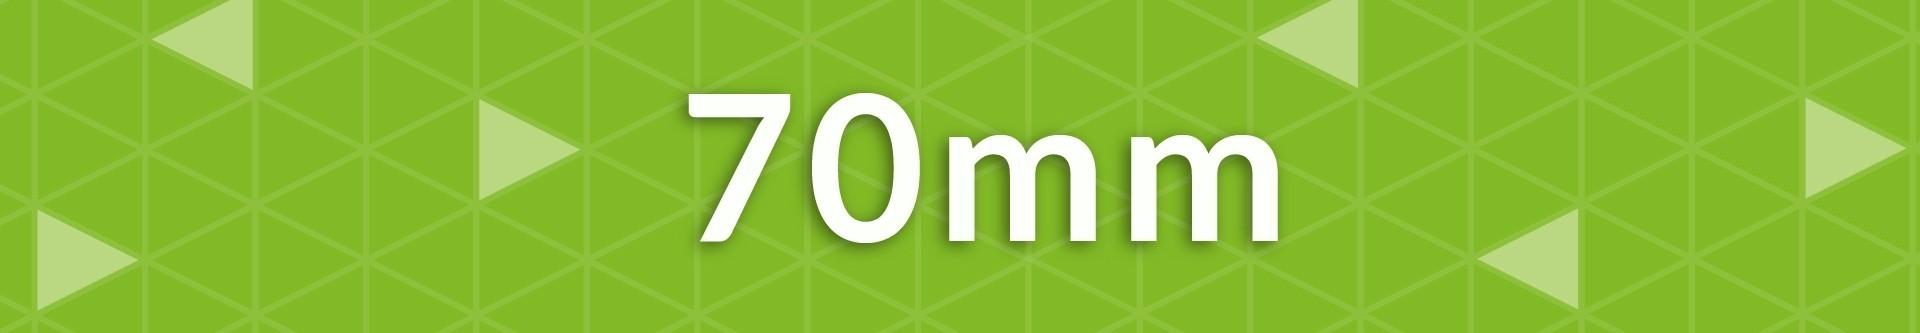 Grossor 70 mm